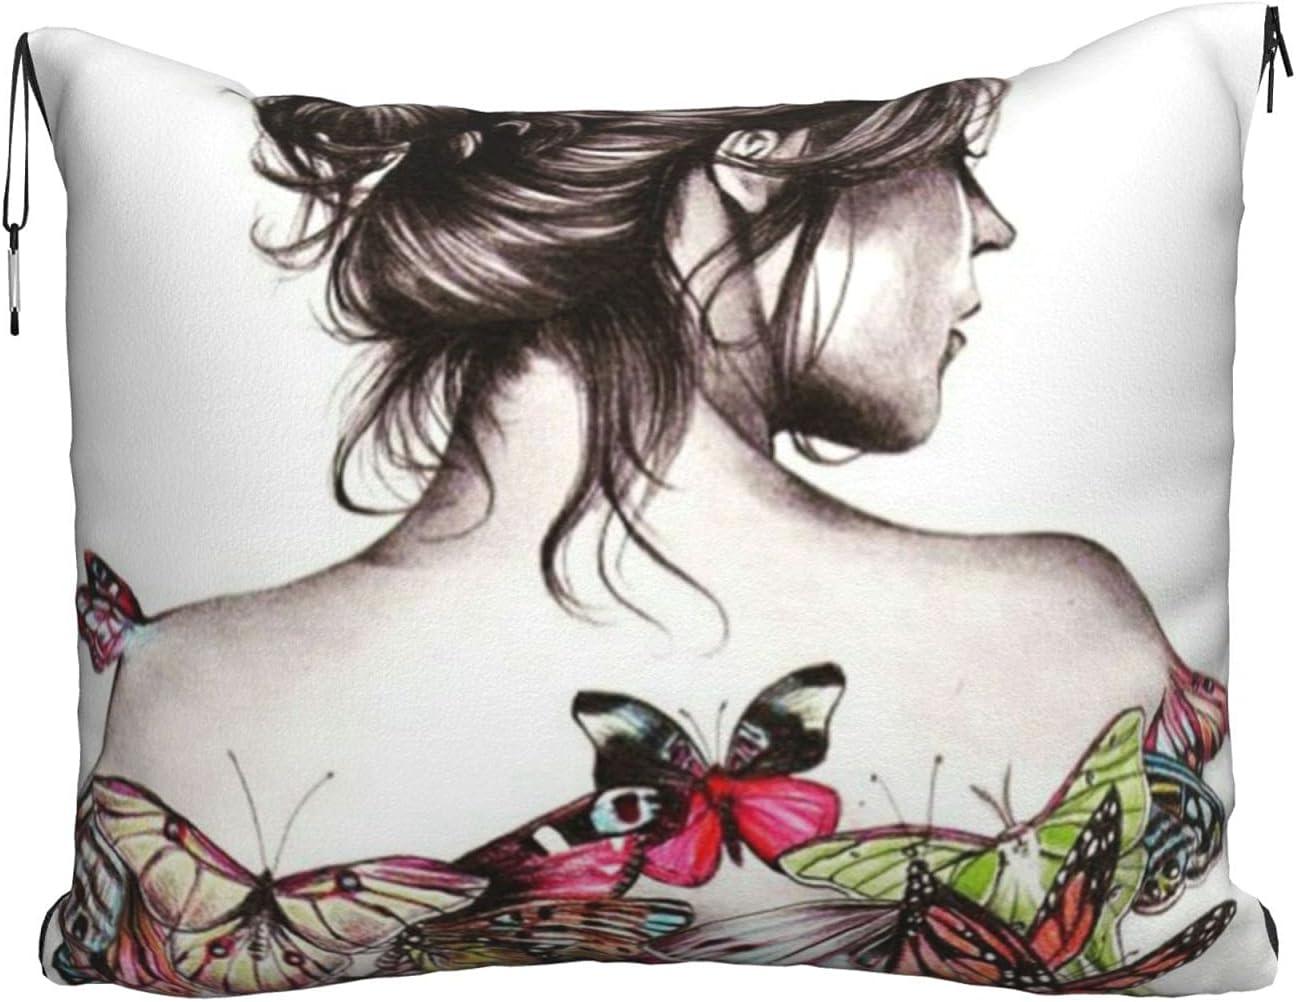 Beautiful Girl Travel Blanket Pillow online shop Soft B 2-in-1 Combo Max 76% OFF Velvet